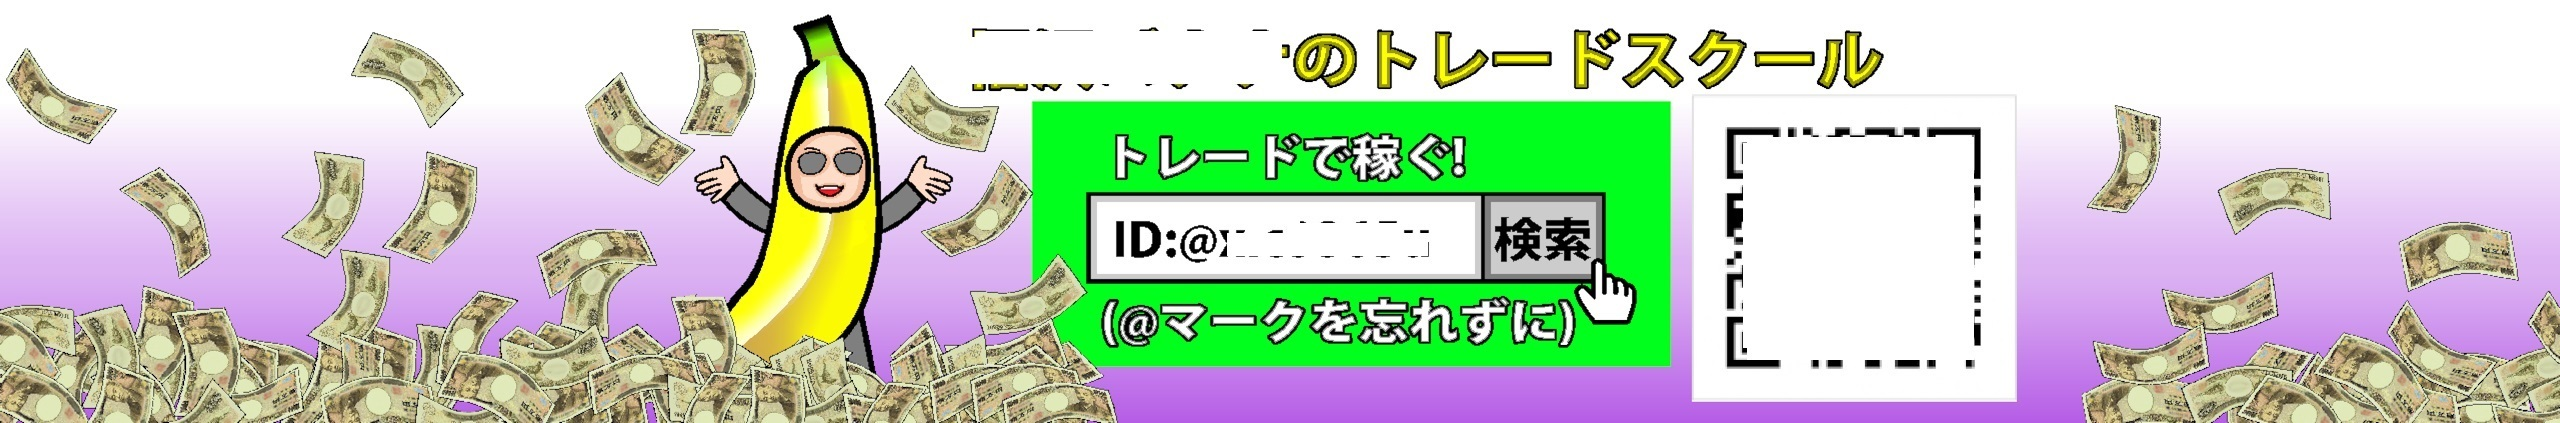 似顔絵_a0040621_15073927.jpg